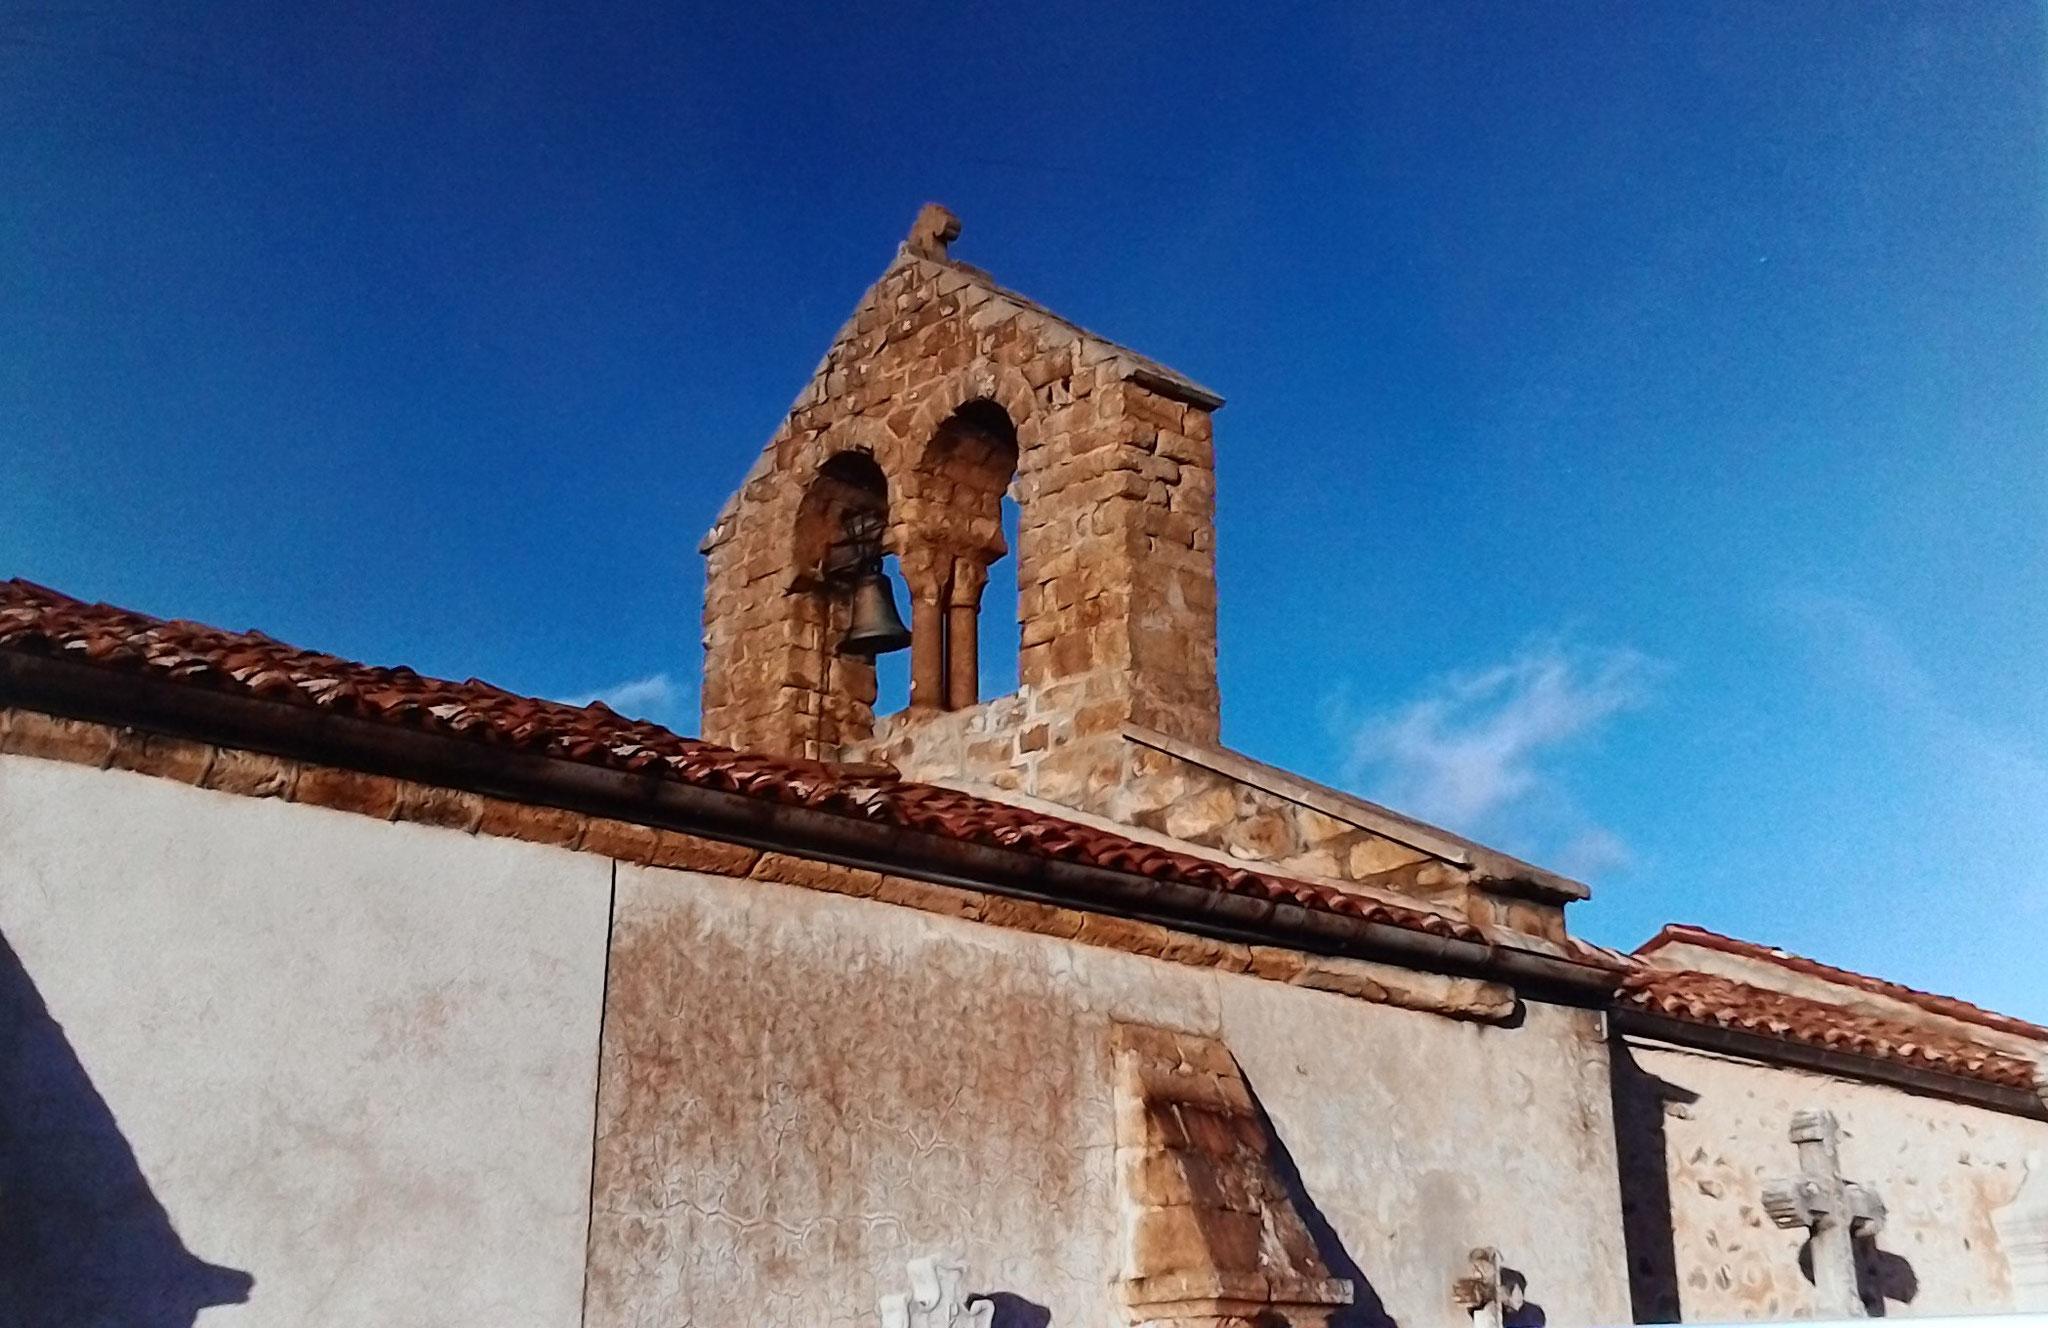 La cloche de la chapelle (XVIe siècle)